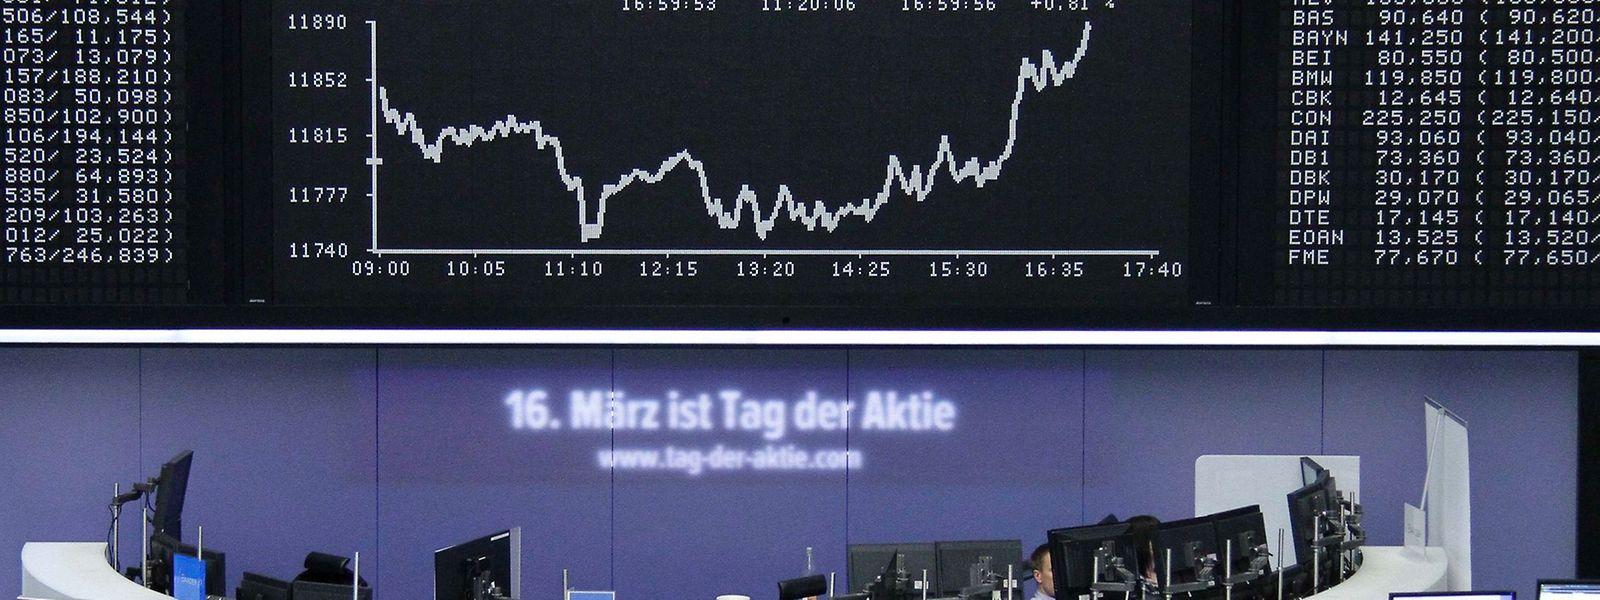 Triebfeder der Rekordrally ist vor allem die Geldschwemme der Europäischen Zentralbank (EZB), die mit ihrem Anleihekaufprogramm einen Billionenbetrag in die Märkte pumpt.